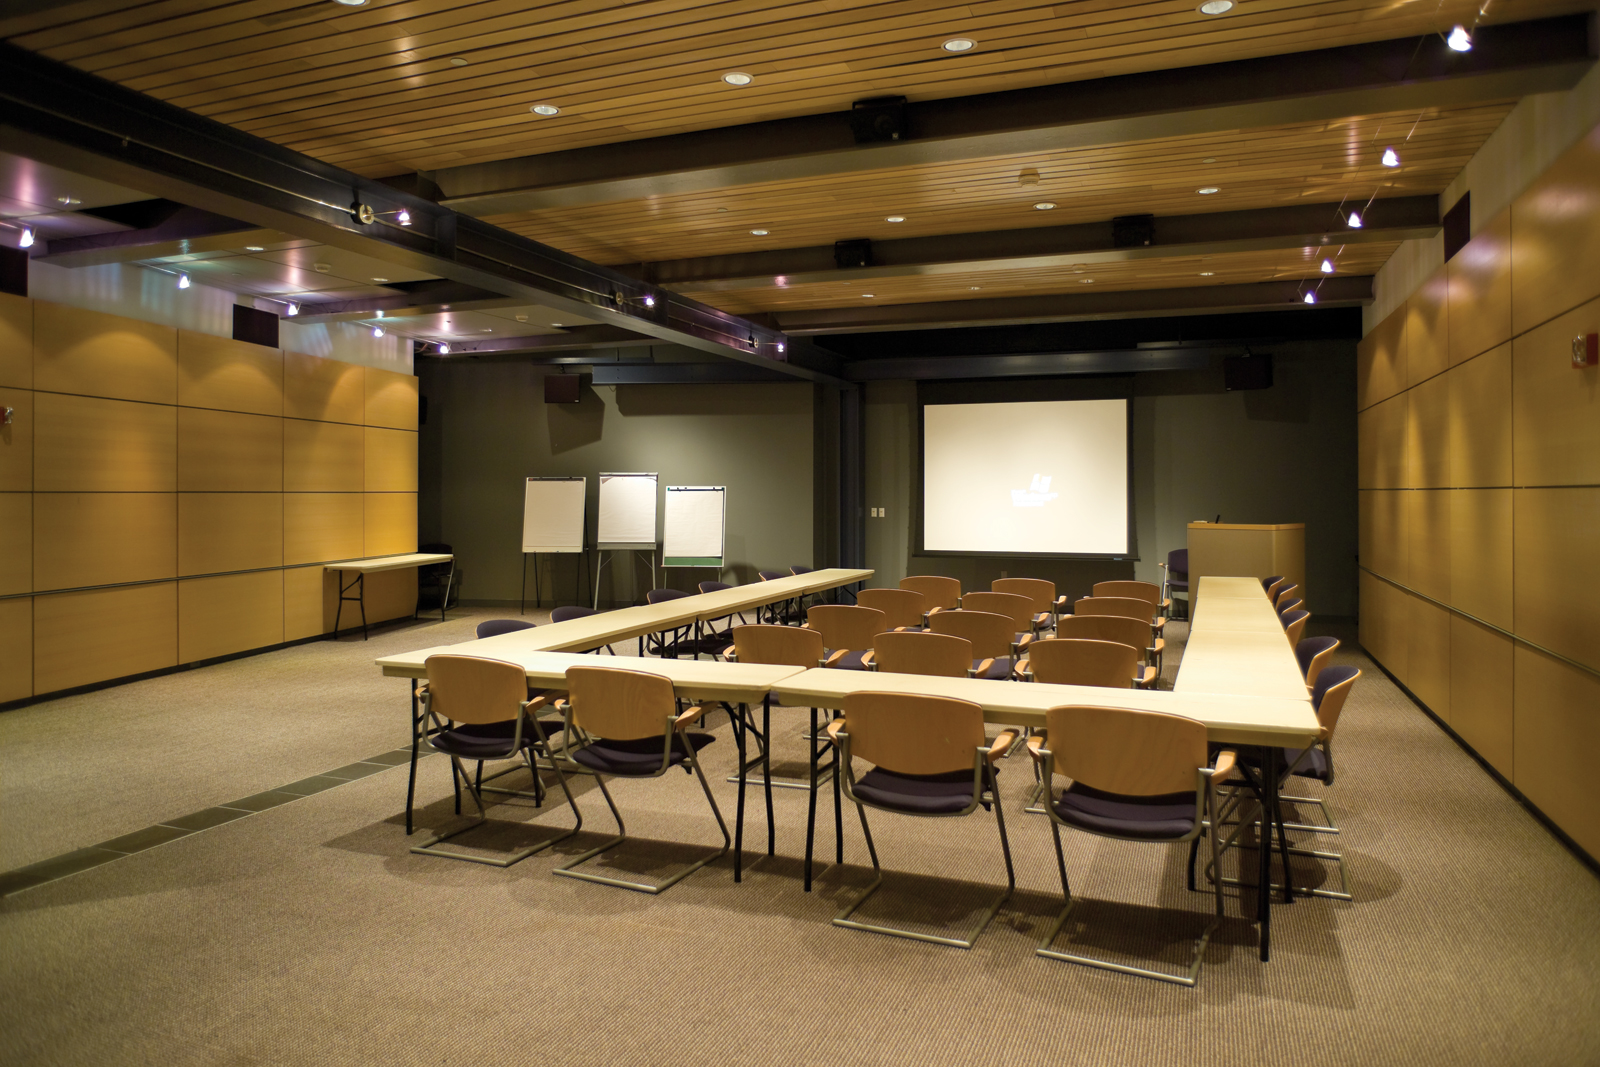 綺麗でおしゃれな会議室の写真